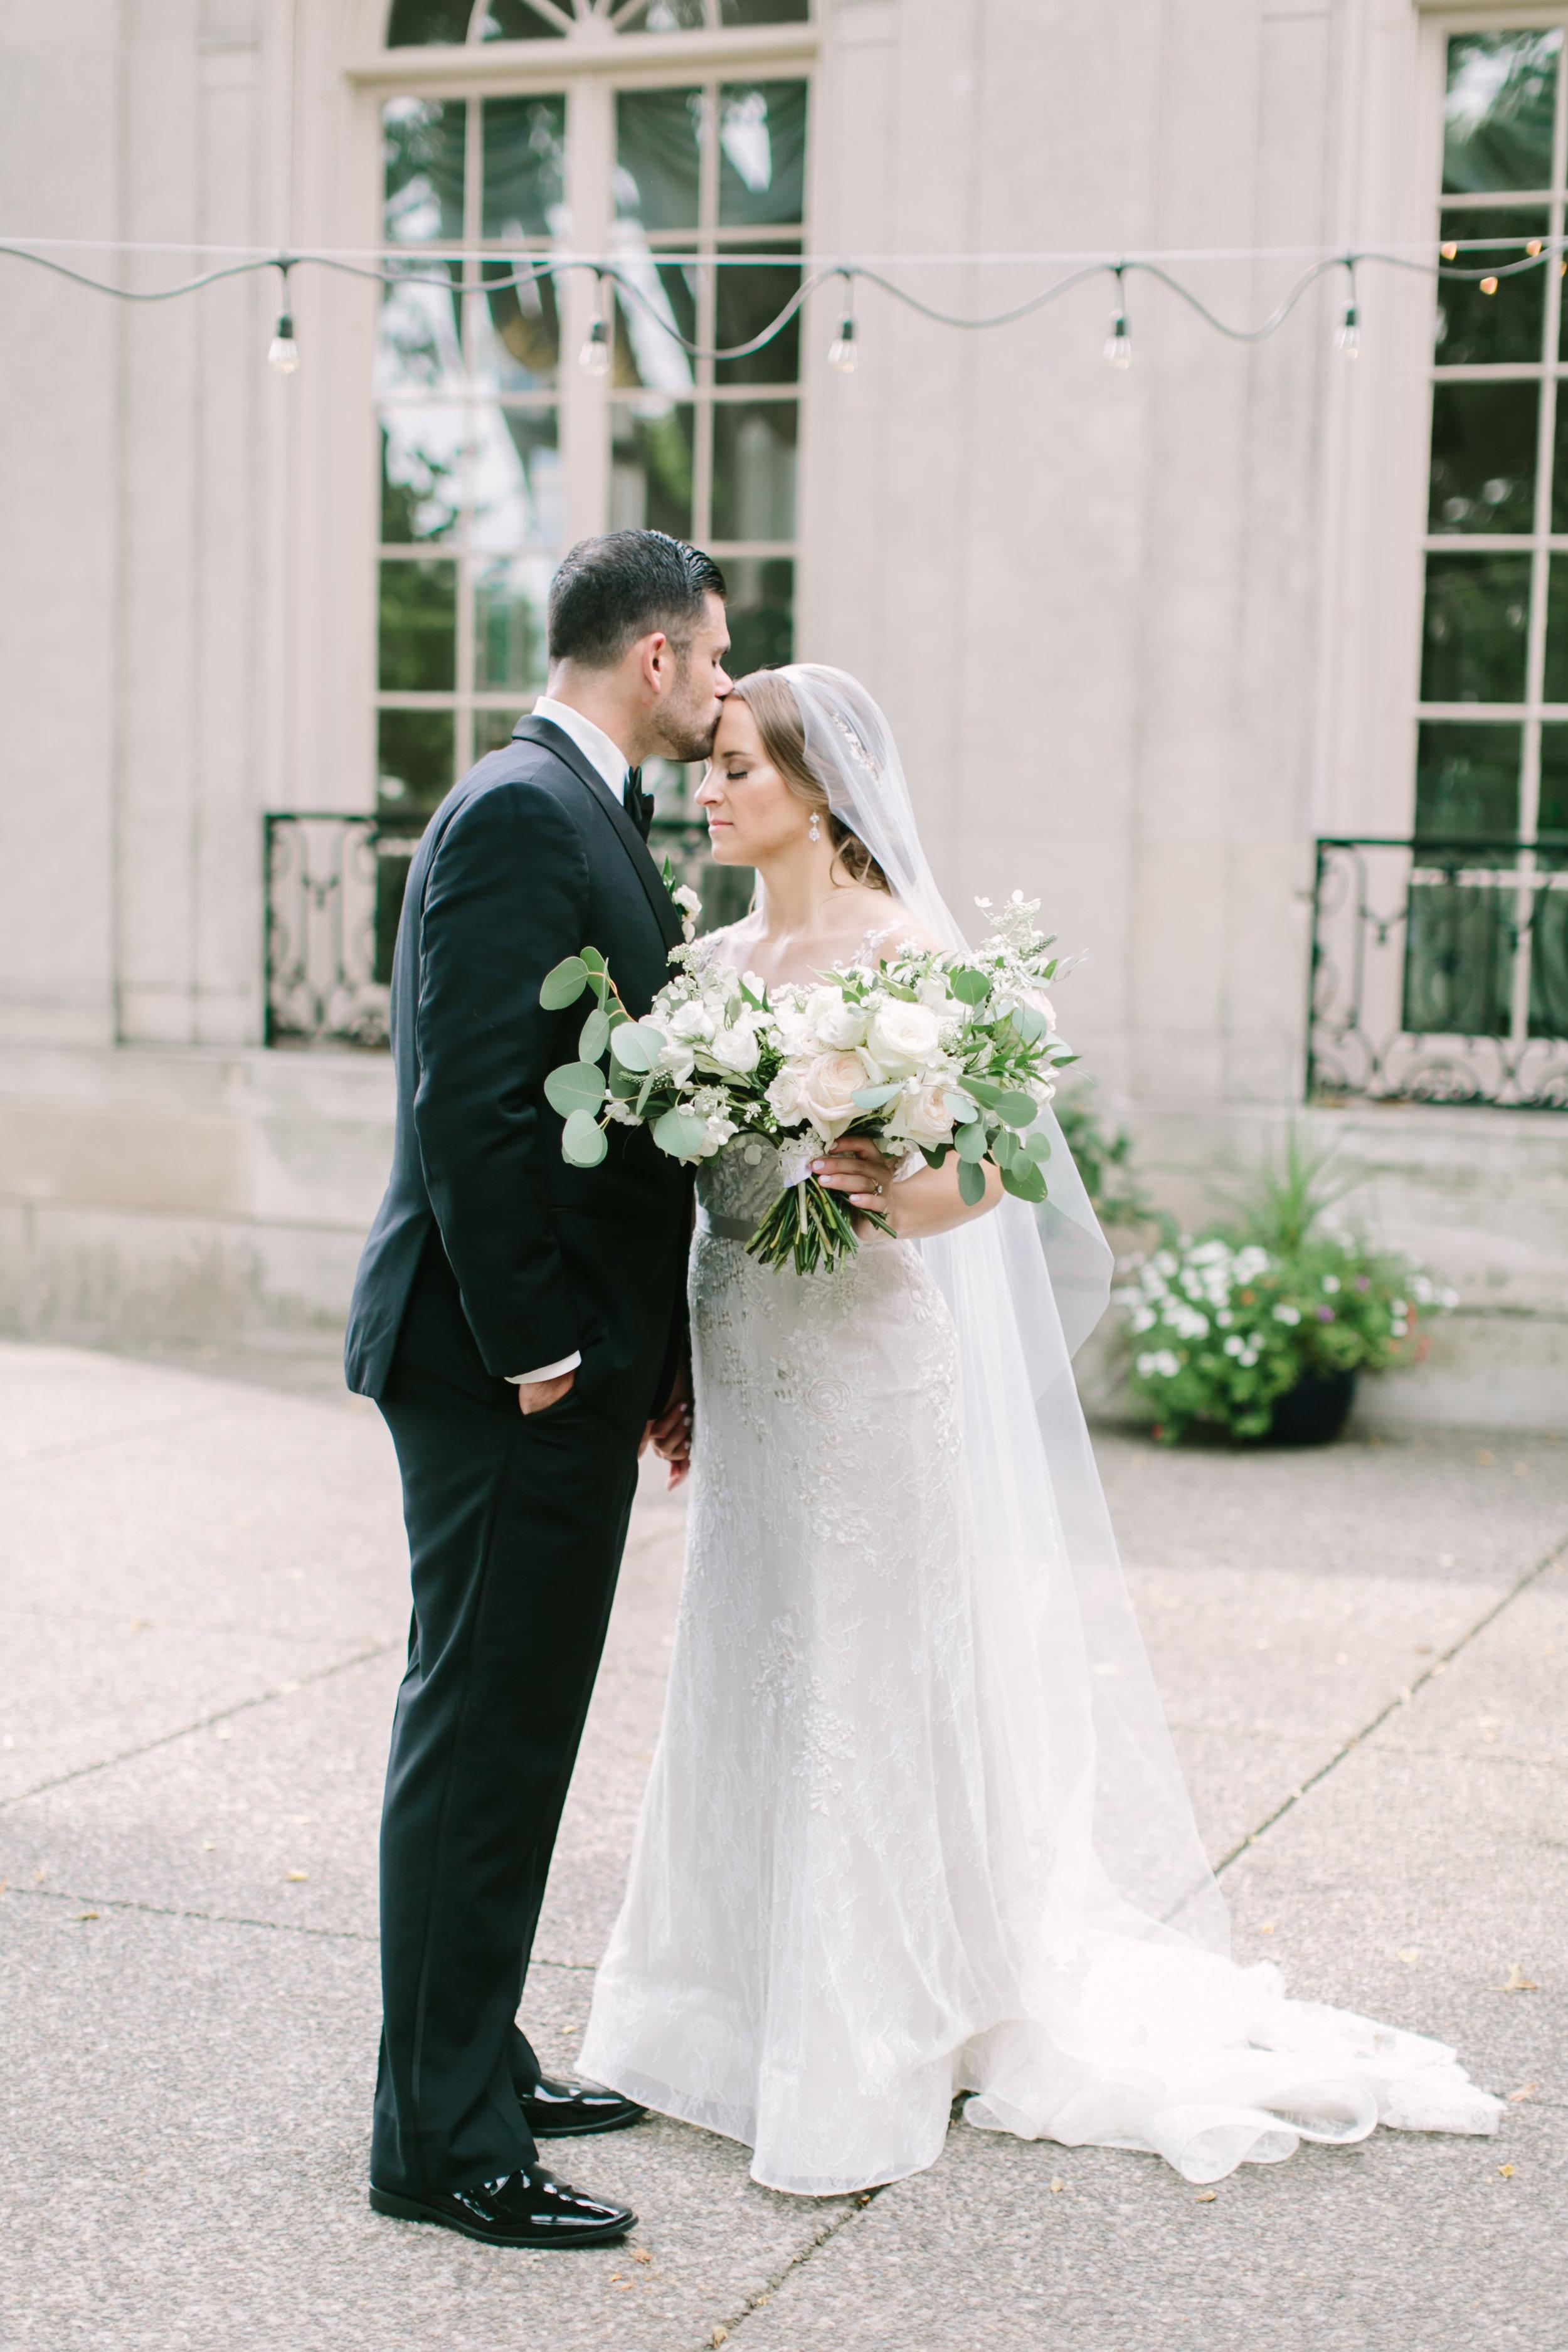 Love&LightPhotographs_Jennifer&Mark_Wedding_Preview-24.jpg